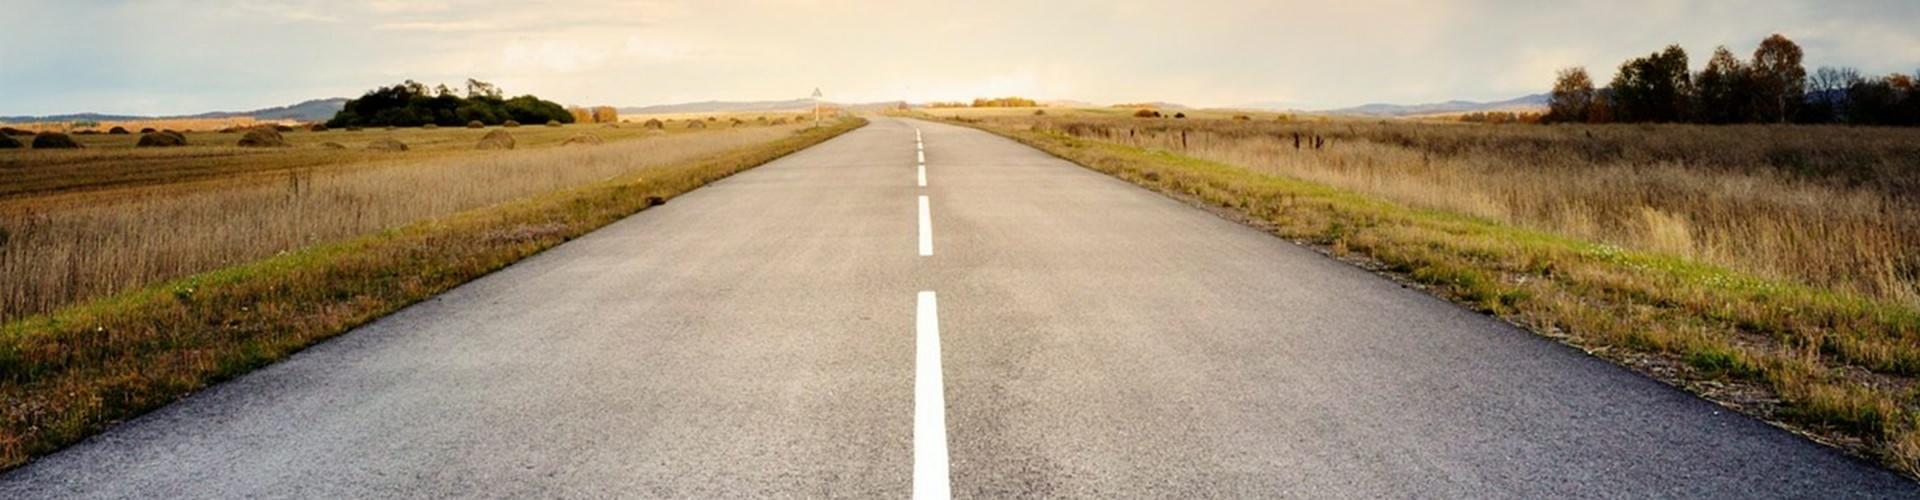 dgt-carreteras-convencionales